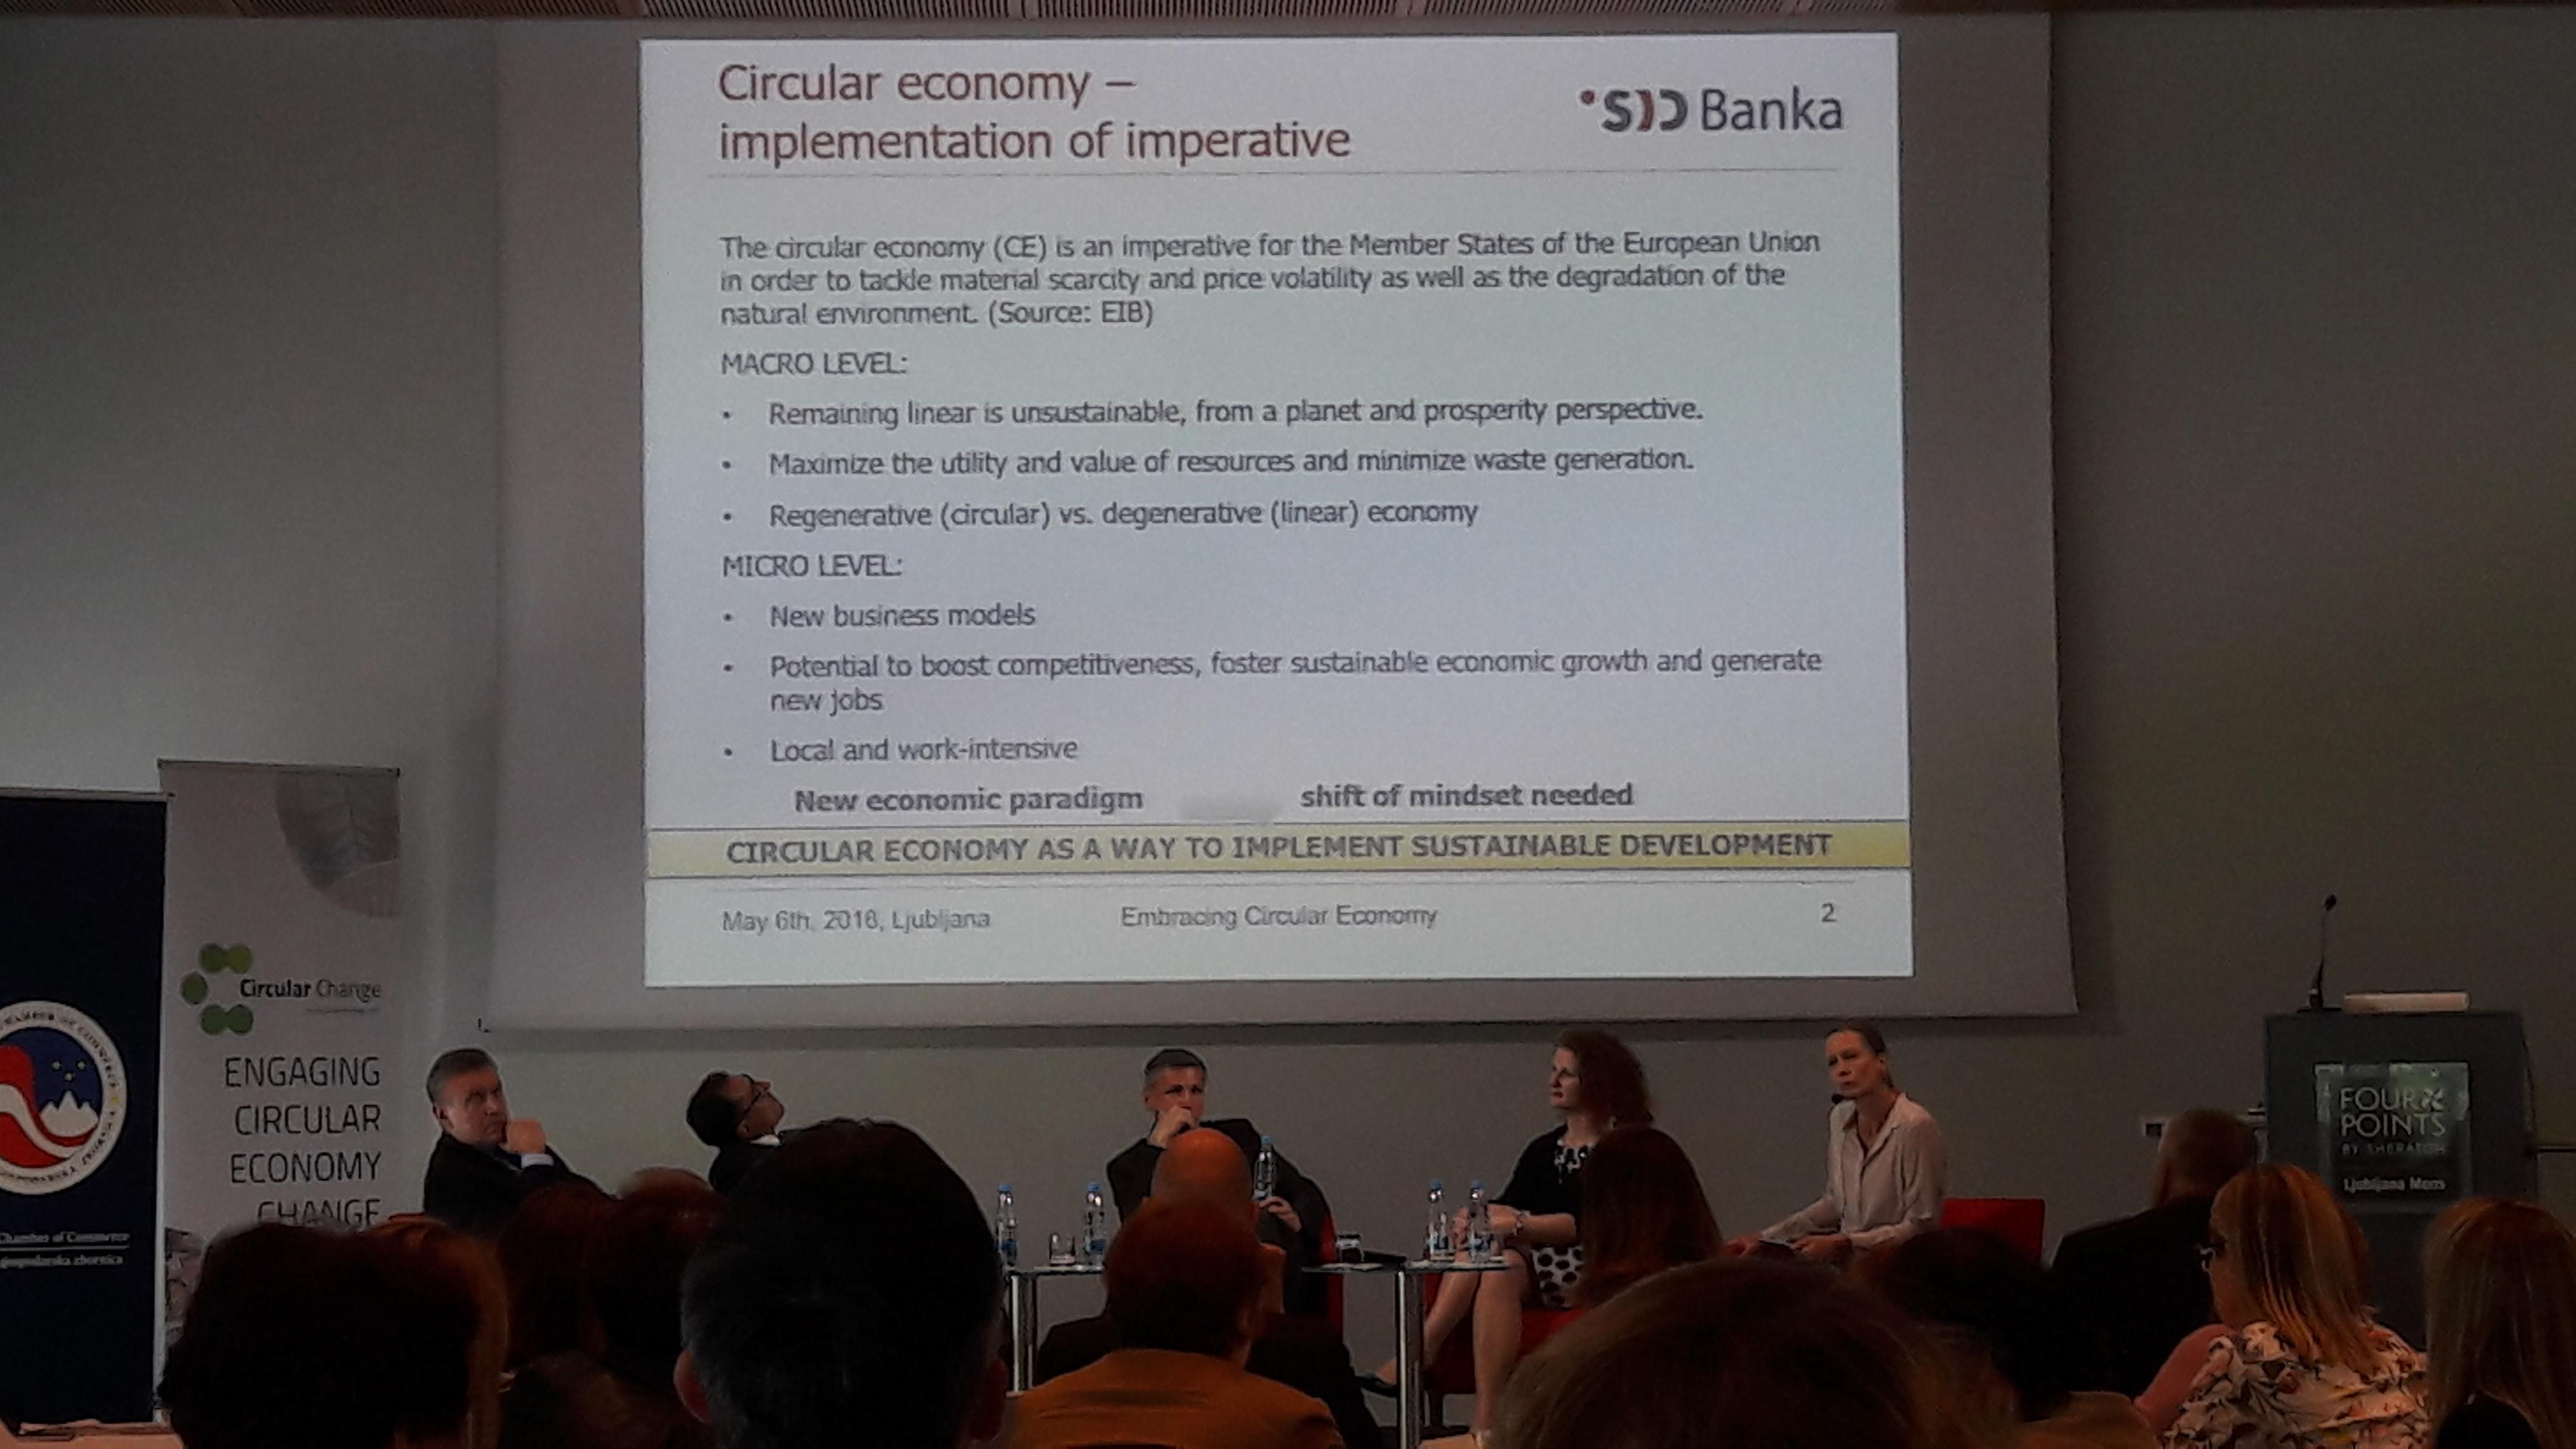 Konferenca o krožnem gospodarstvu, Ljubljana 6.5.2016